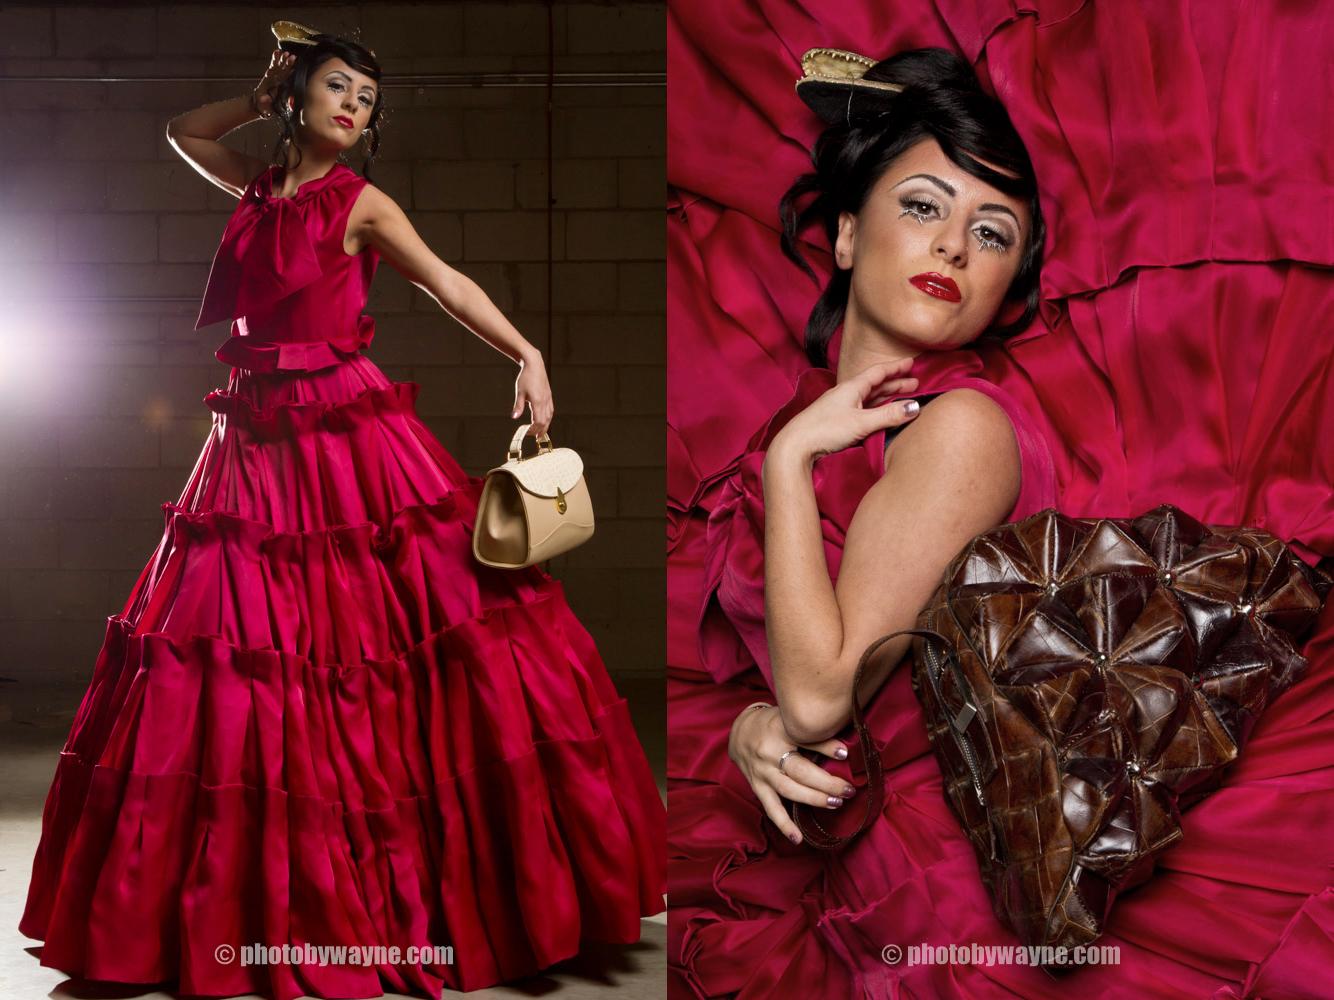 indie-fashion-designer-photography.jpg